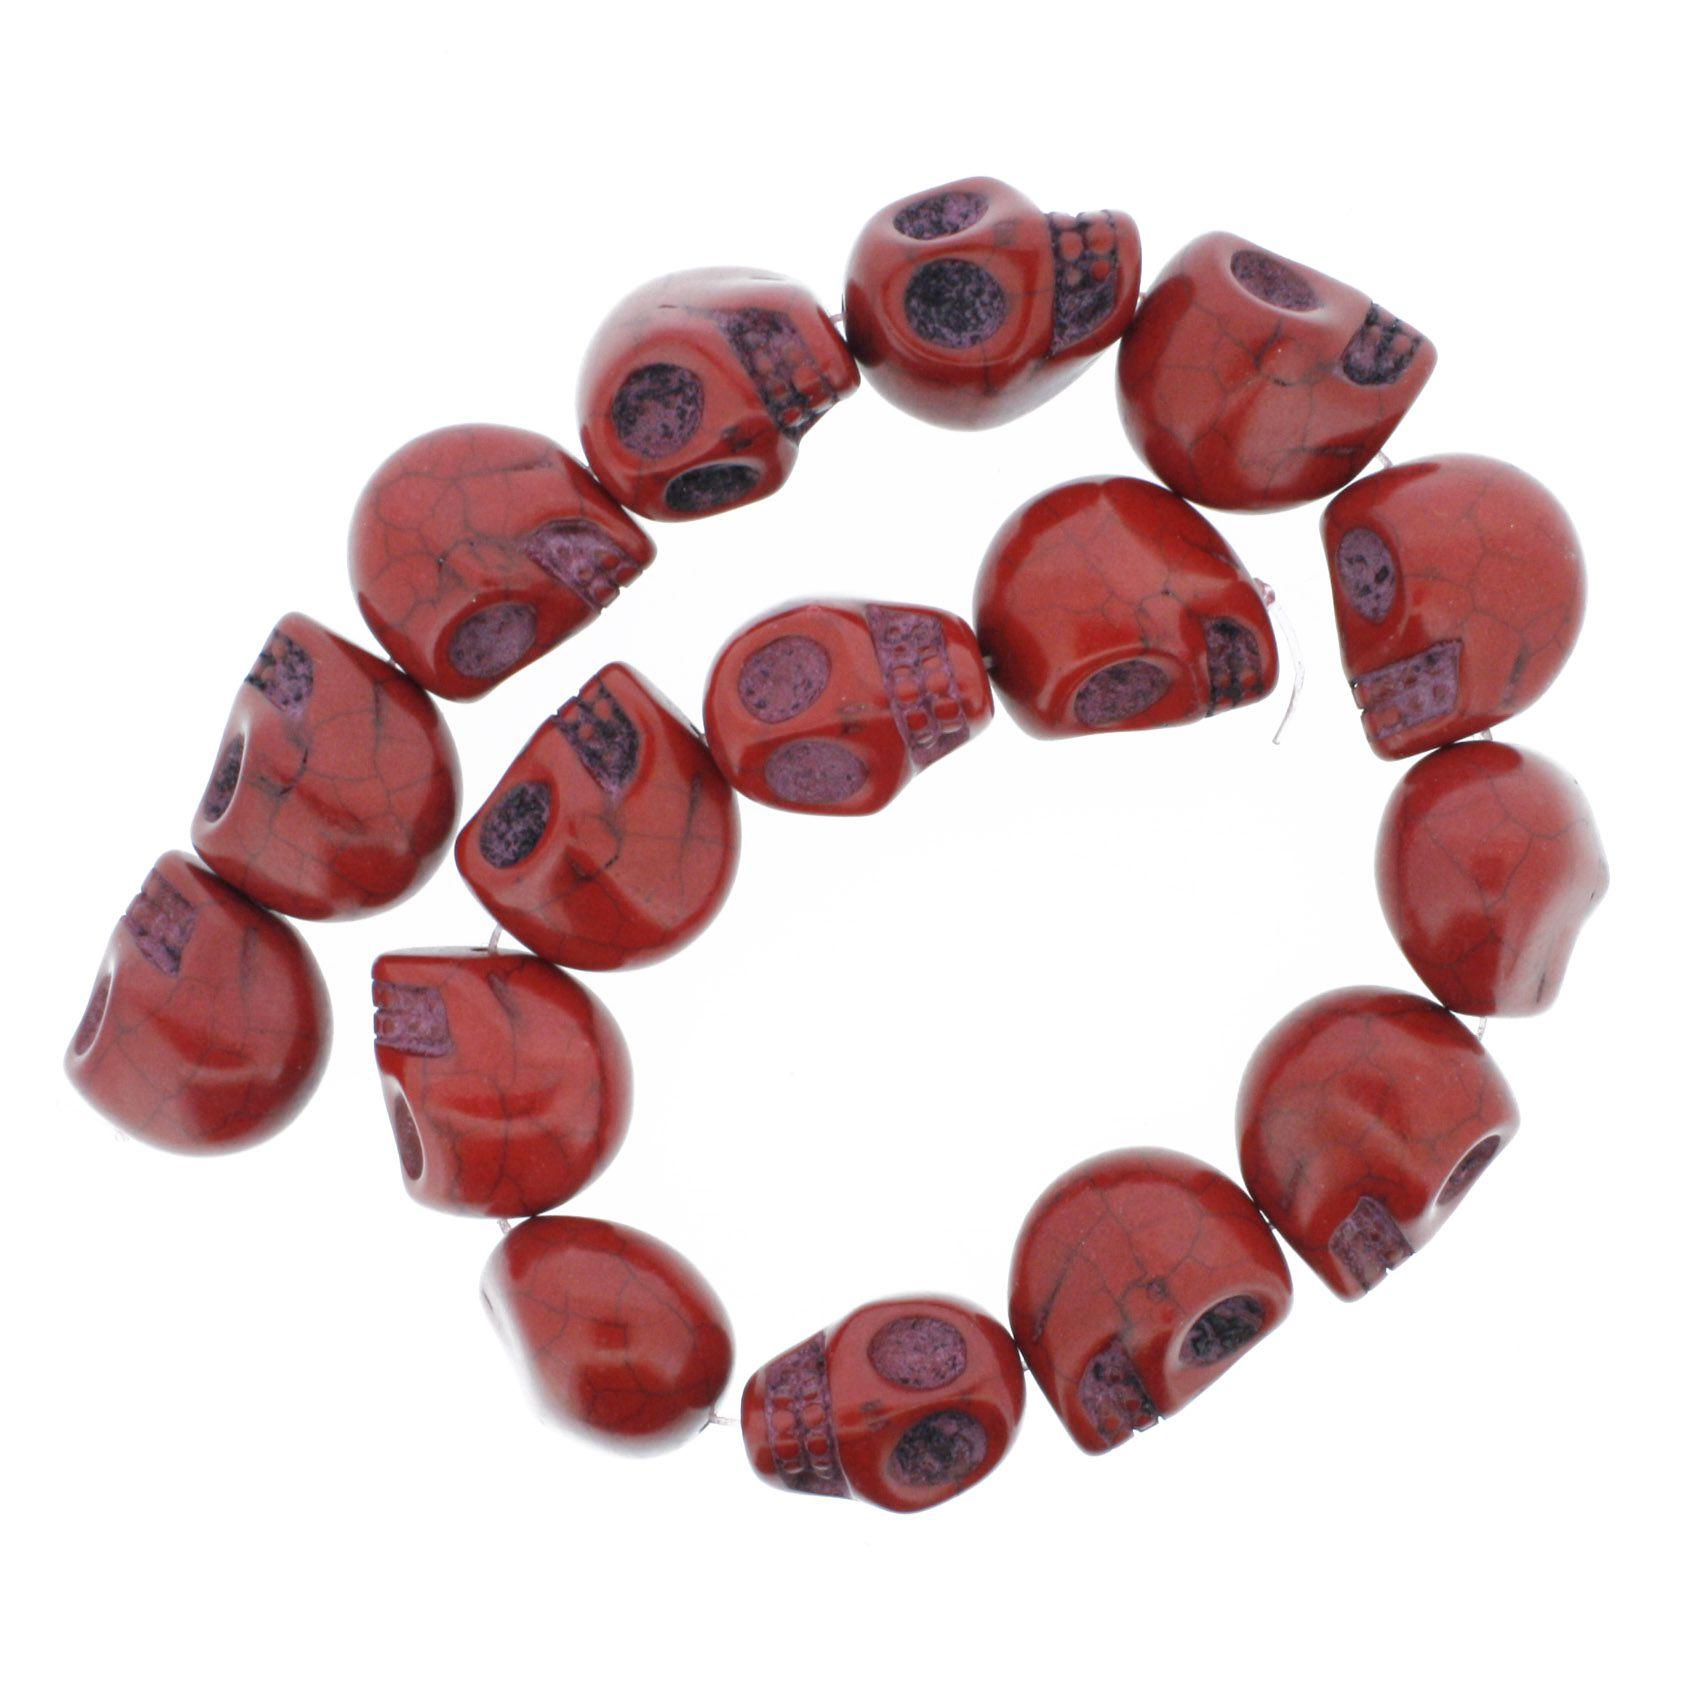 Fio de Caveira de Pedra - Vermelha - Grande - 22x17mm  - Universo Religioso® - Artigos de Umbanda e Candomblé